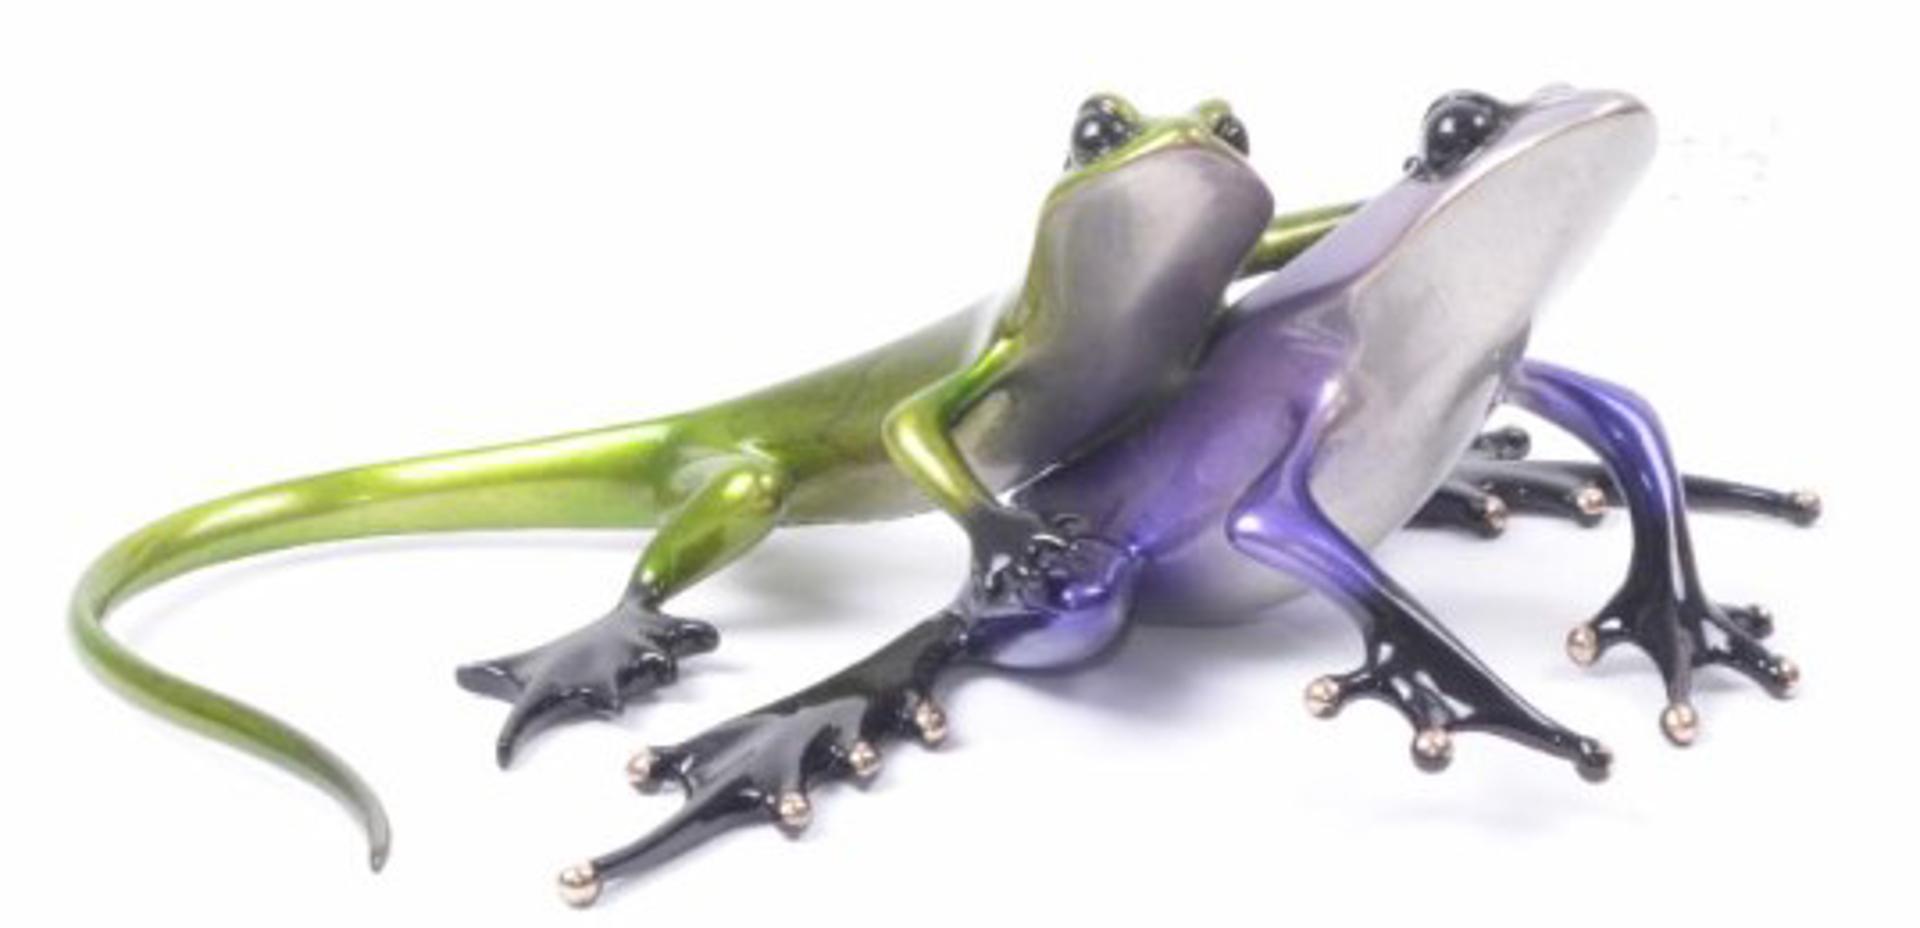 Sidekick by The Frogman